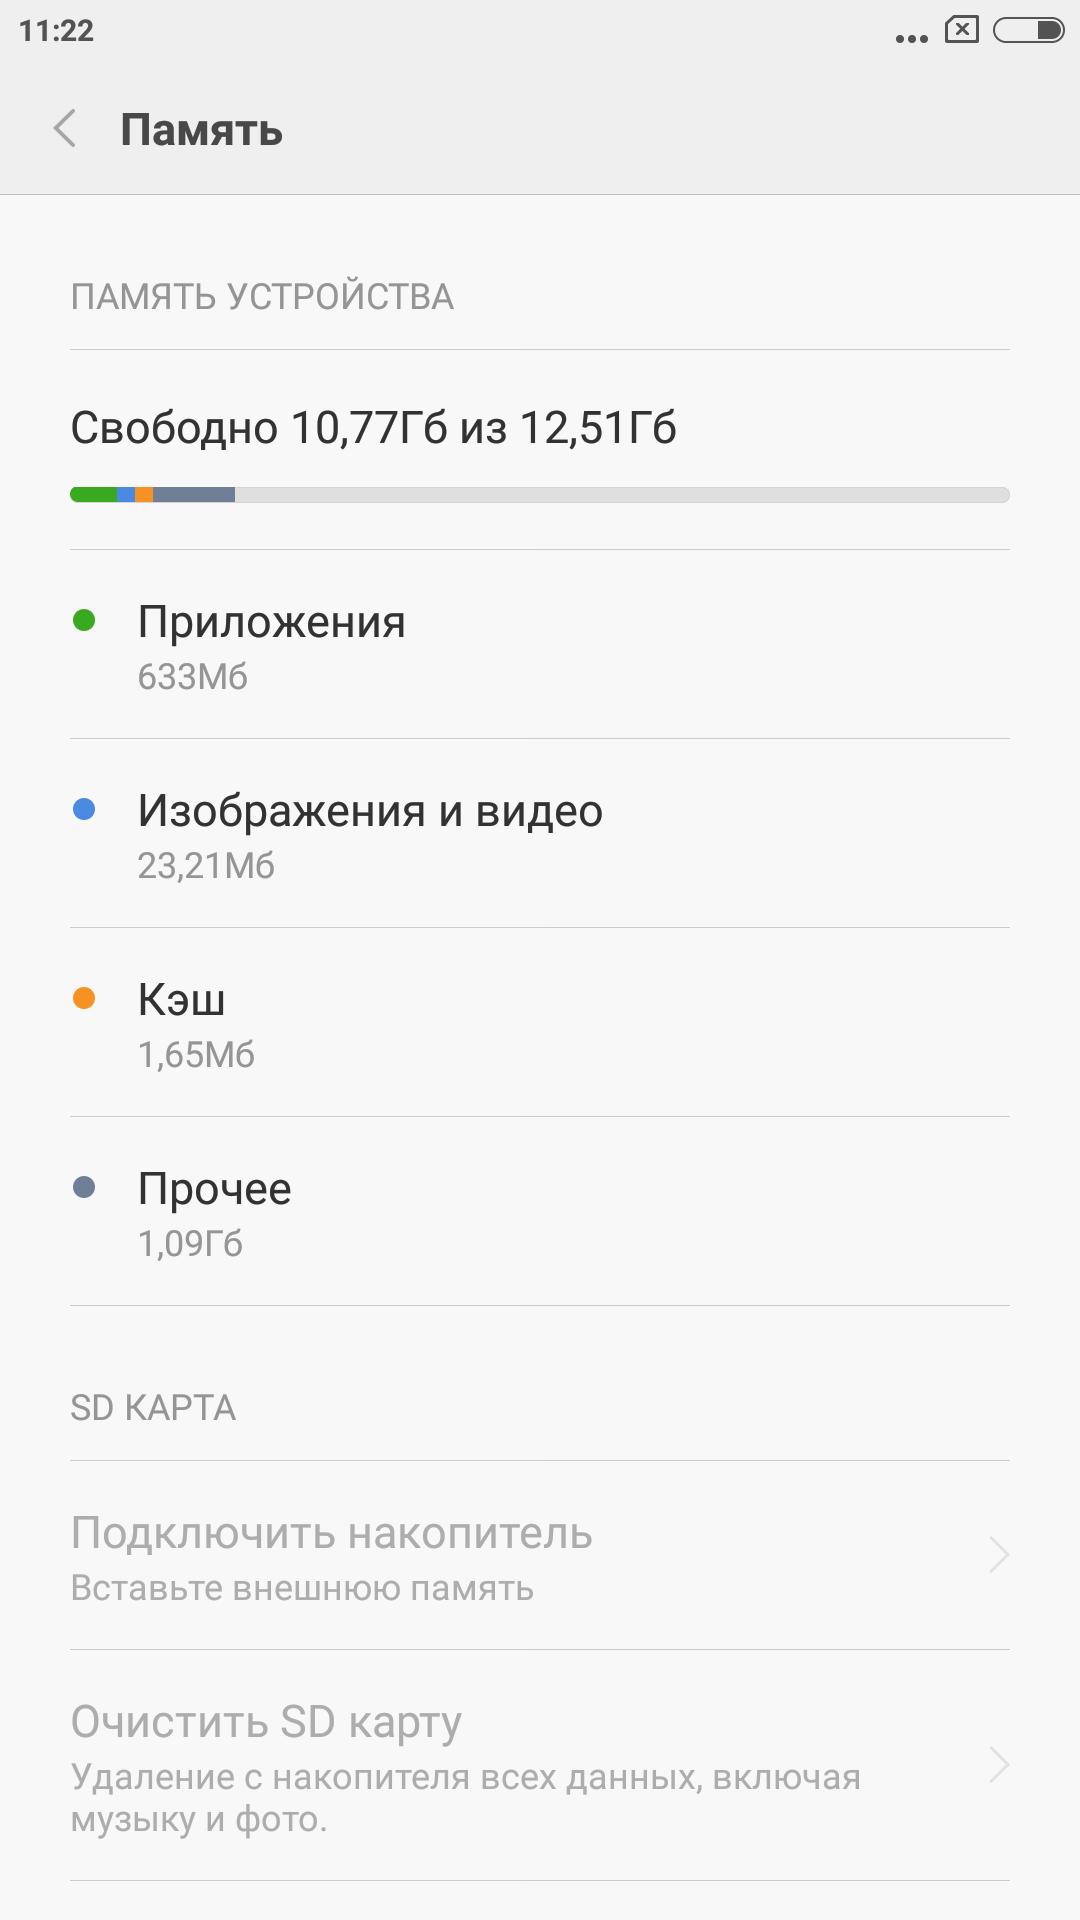 Обзор лучшего бюджетника 2015 года — Xiaomi Redmi Note 2 - 24